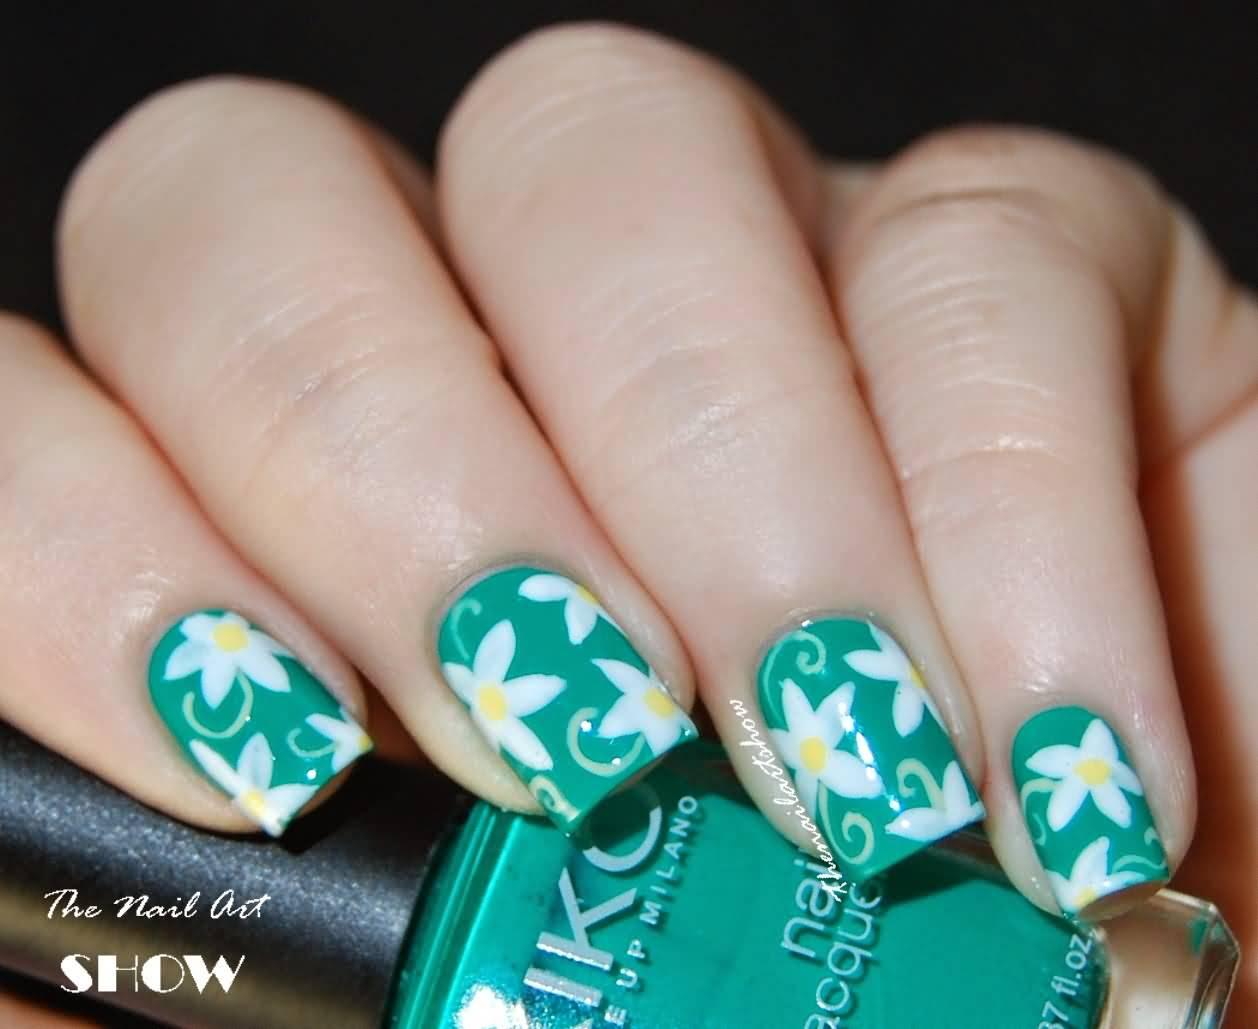 White Flower Nail Design Ivoiregion